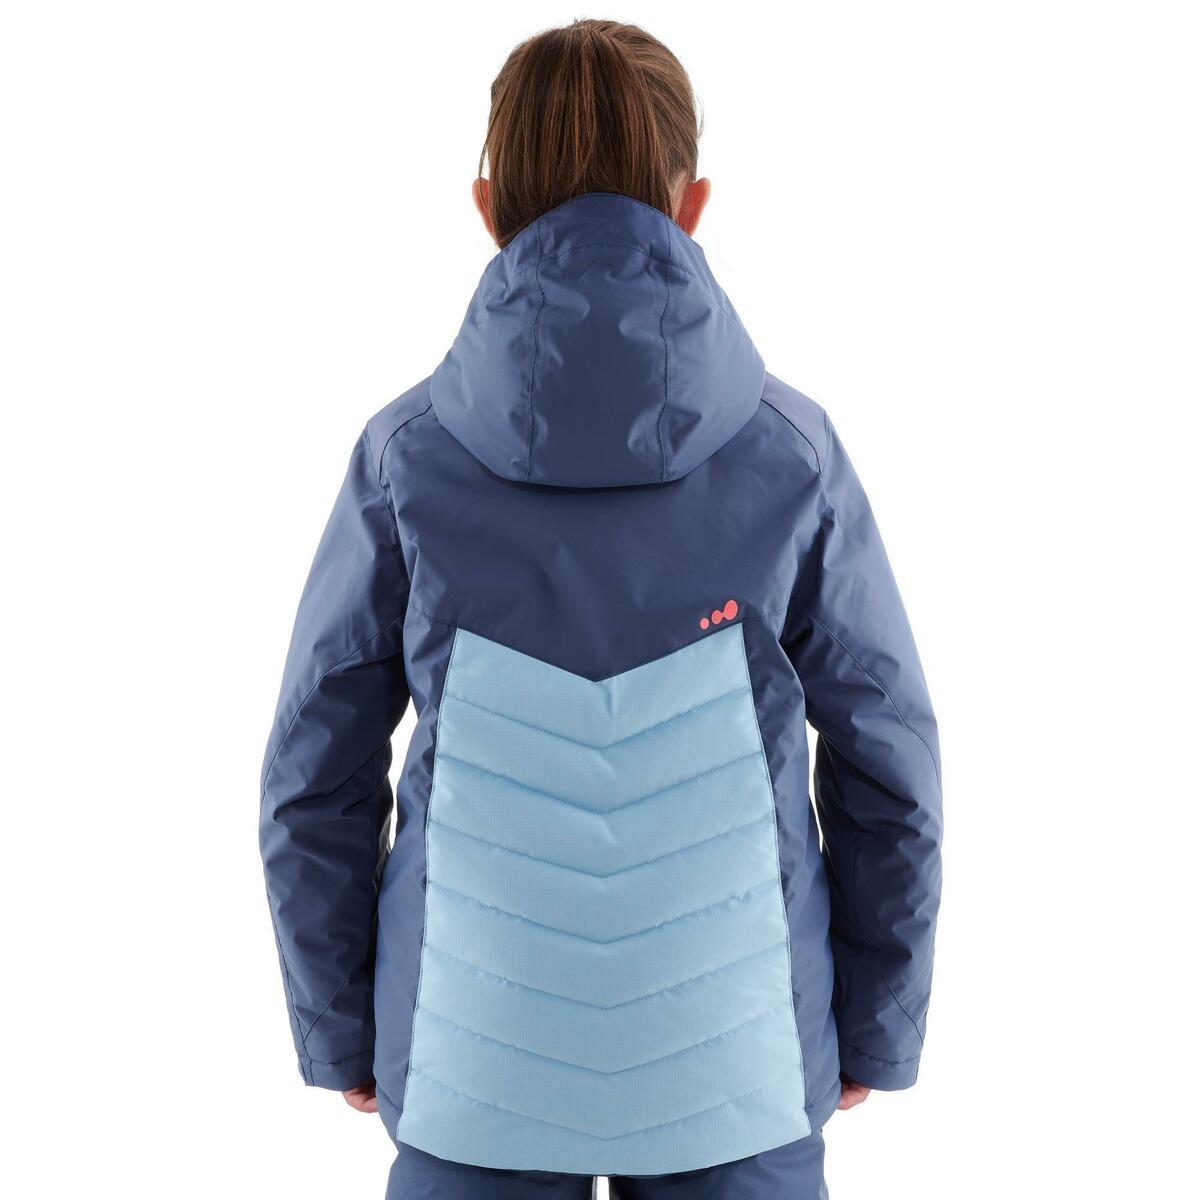 Bild 5 von Skijacke 300 Kinder blau